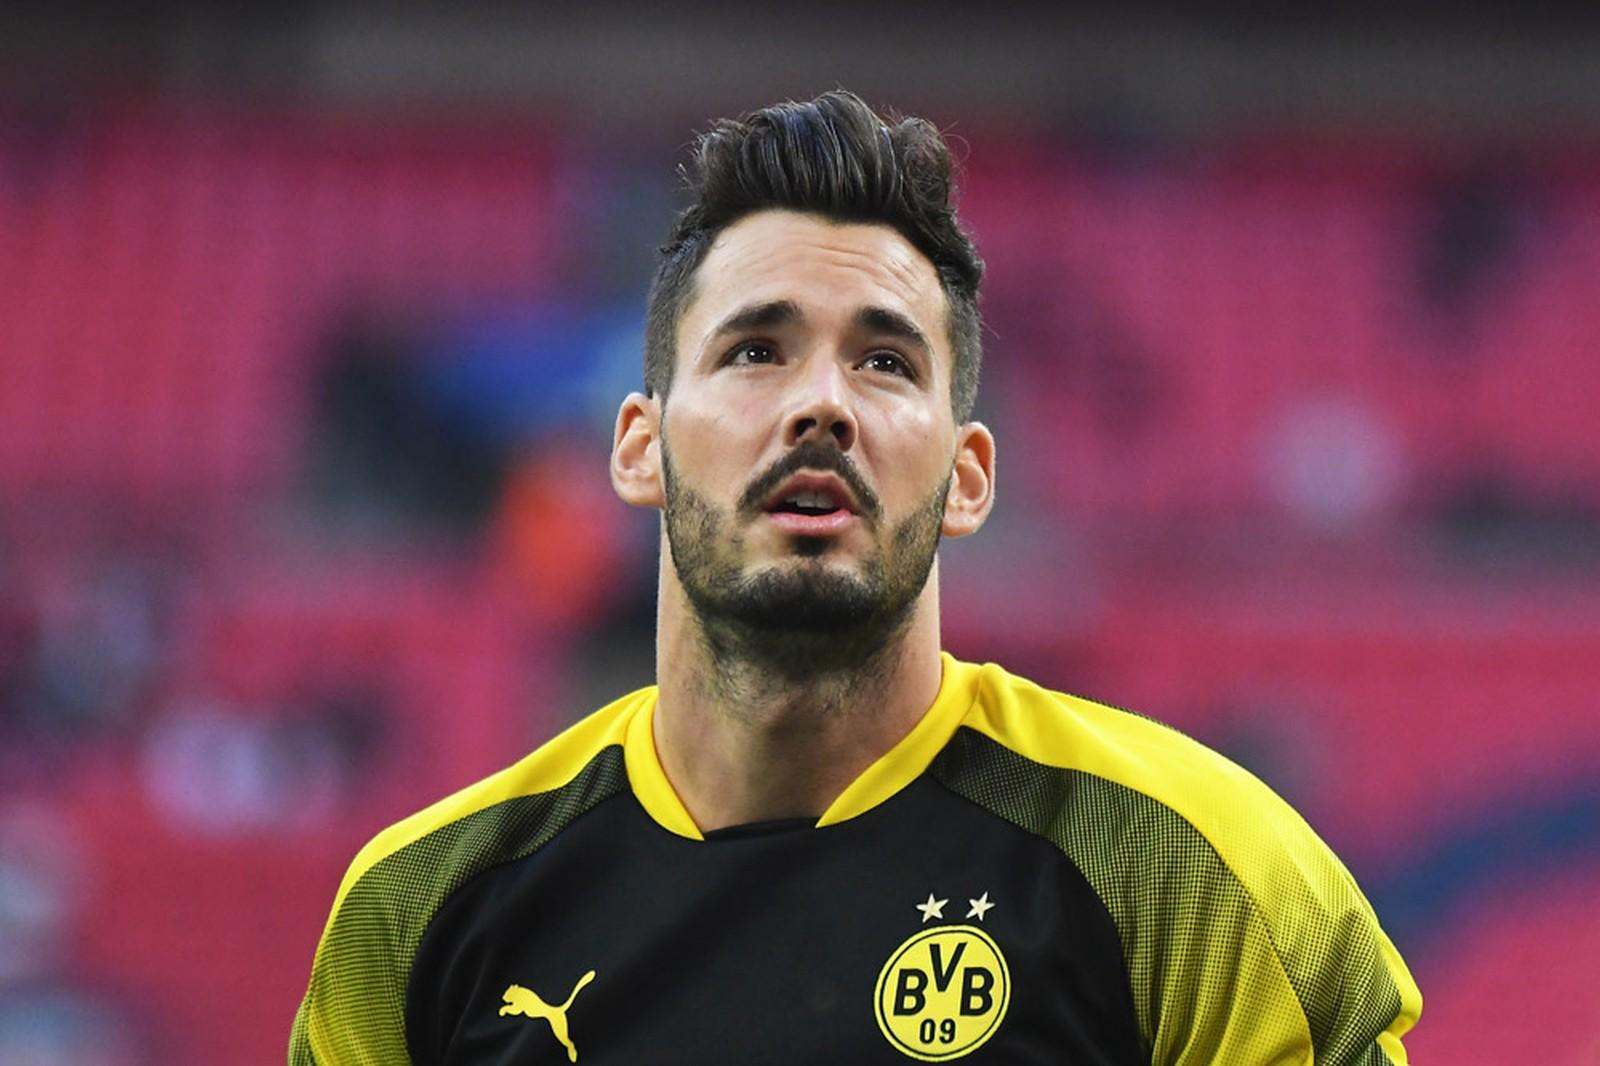 Nachfolger von Roman Bürki: Neuer Name beim BVB gehandelt - Fussball Europa